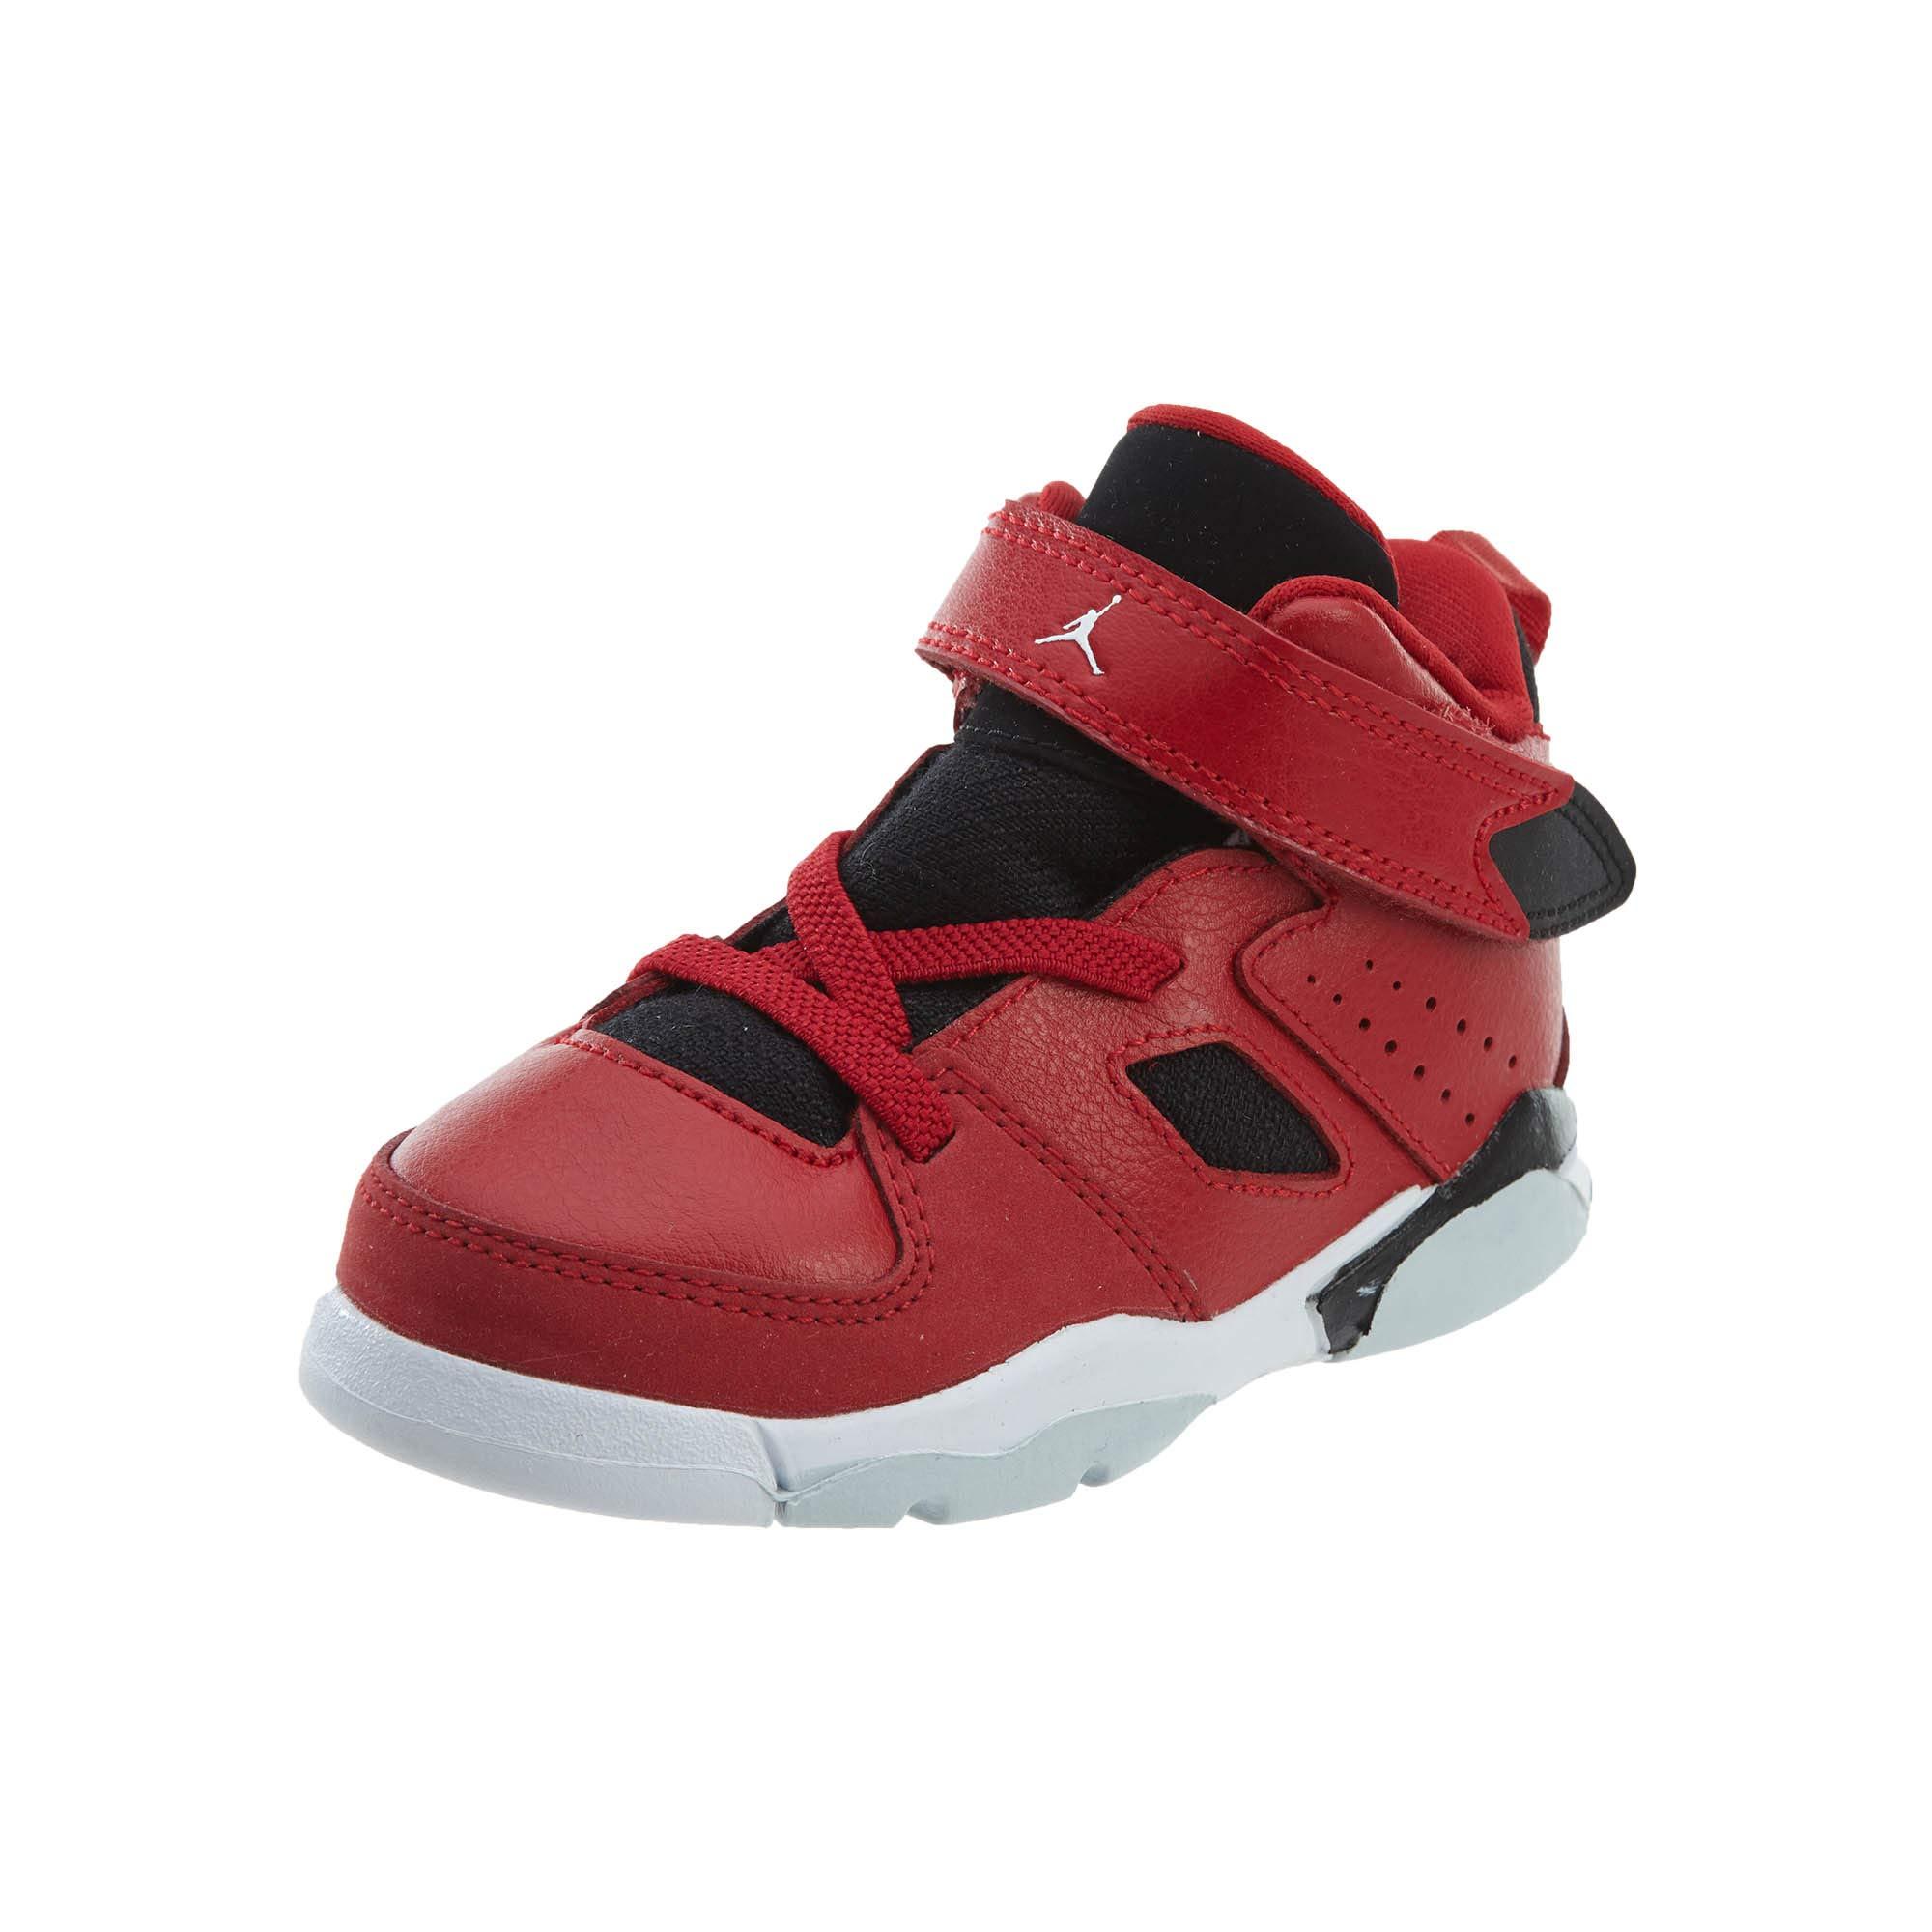 Jordan Toddler Flight Club 91 (TD) Gym RED White Black Size 7 by Jordan